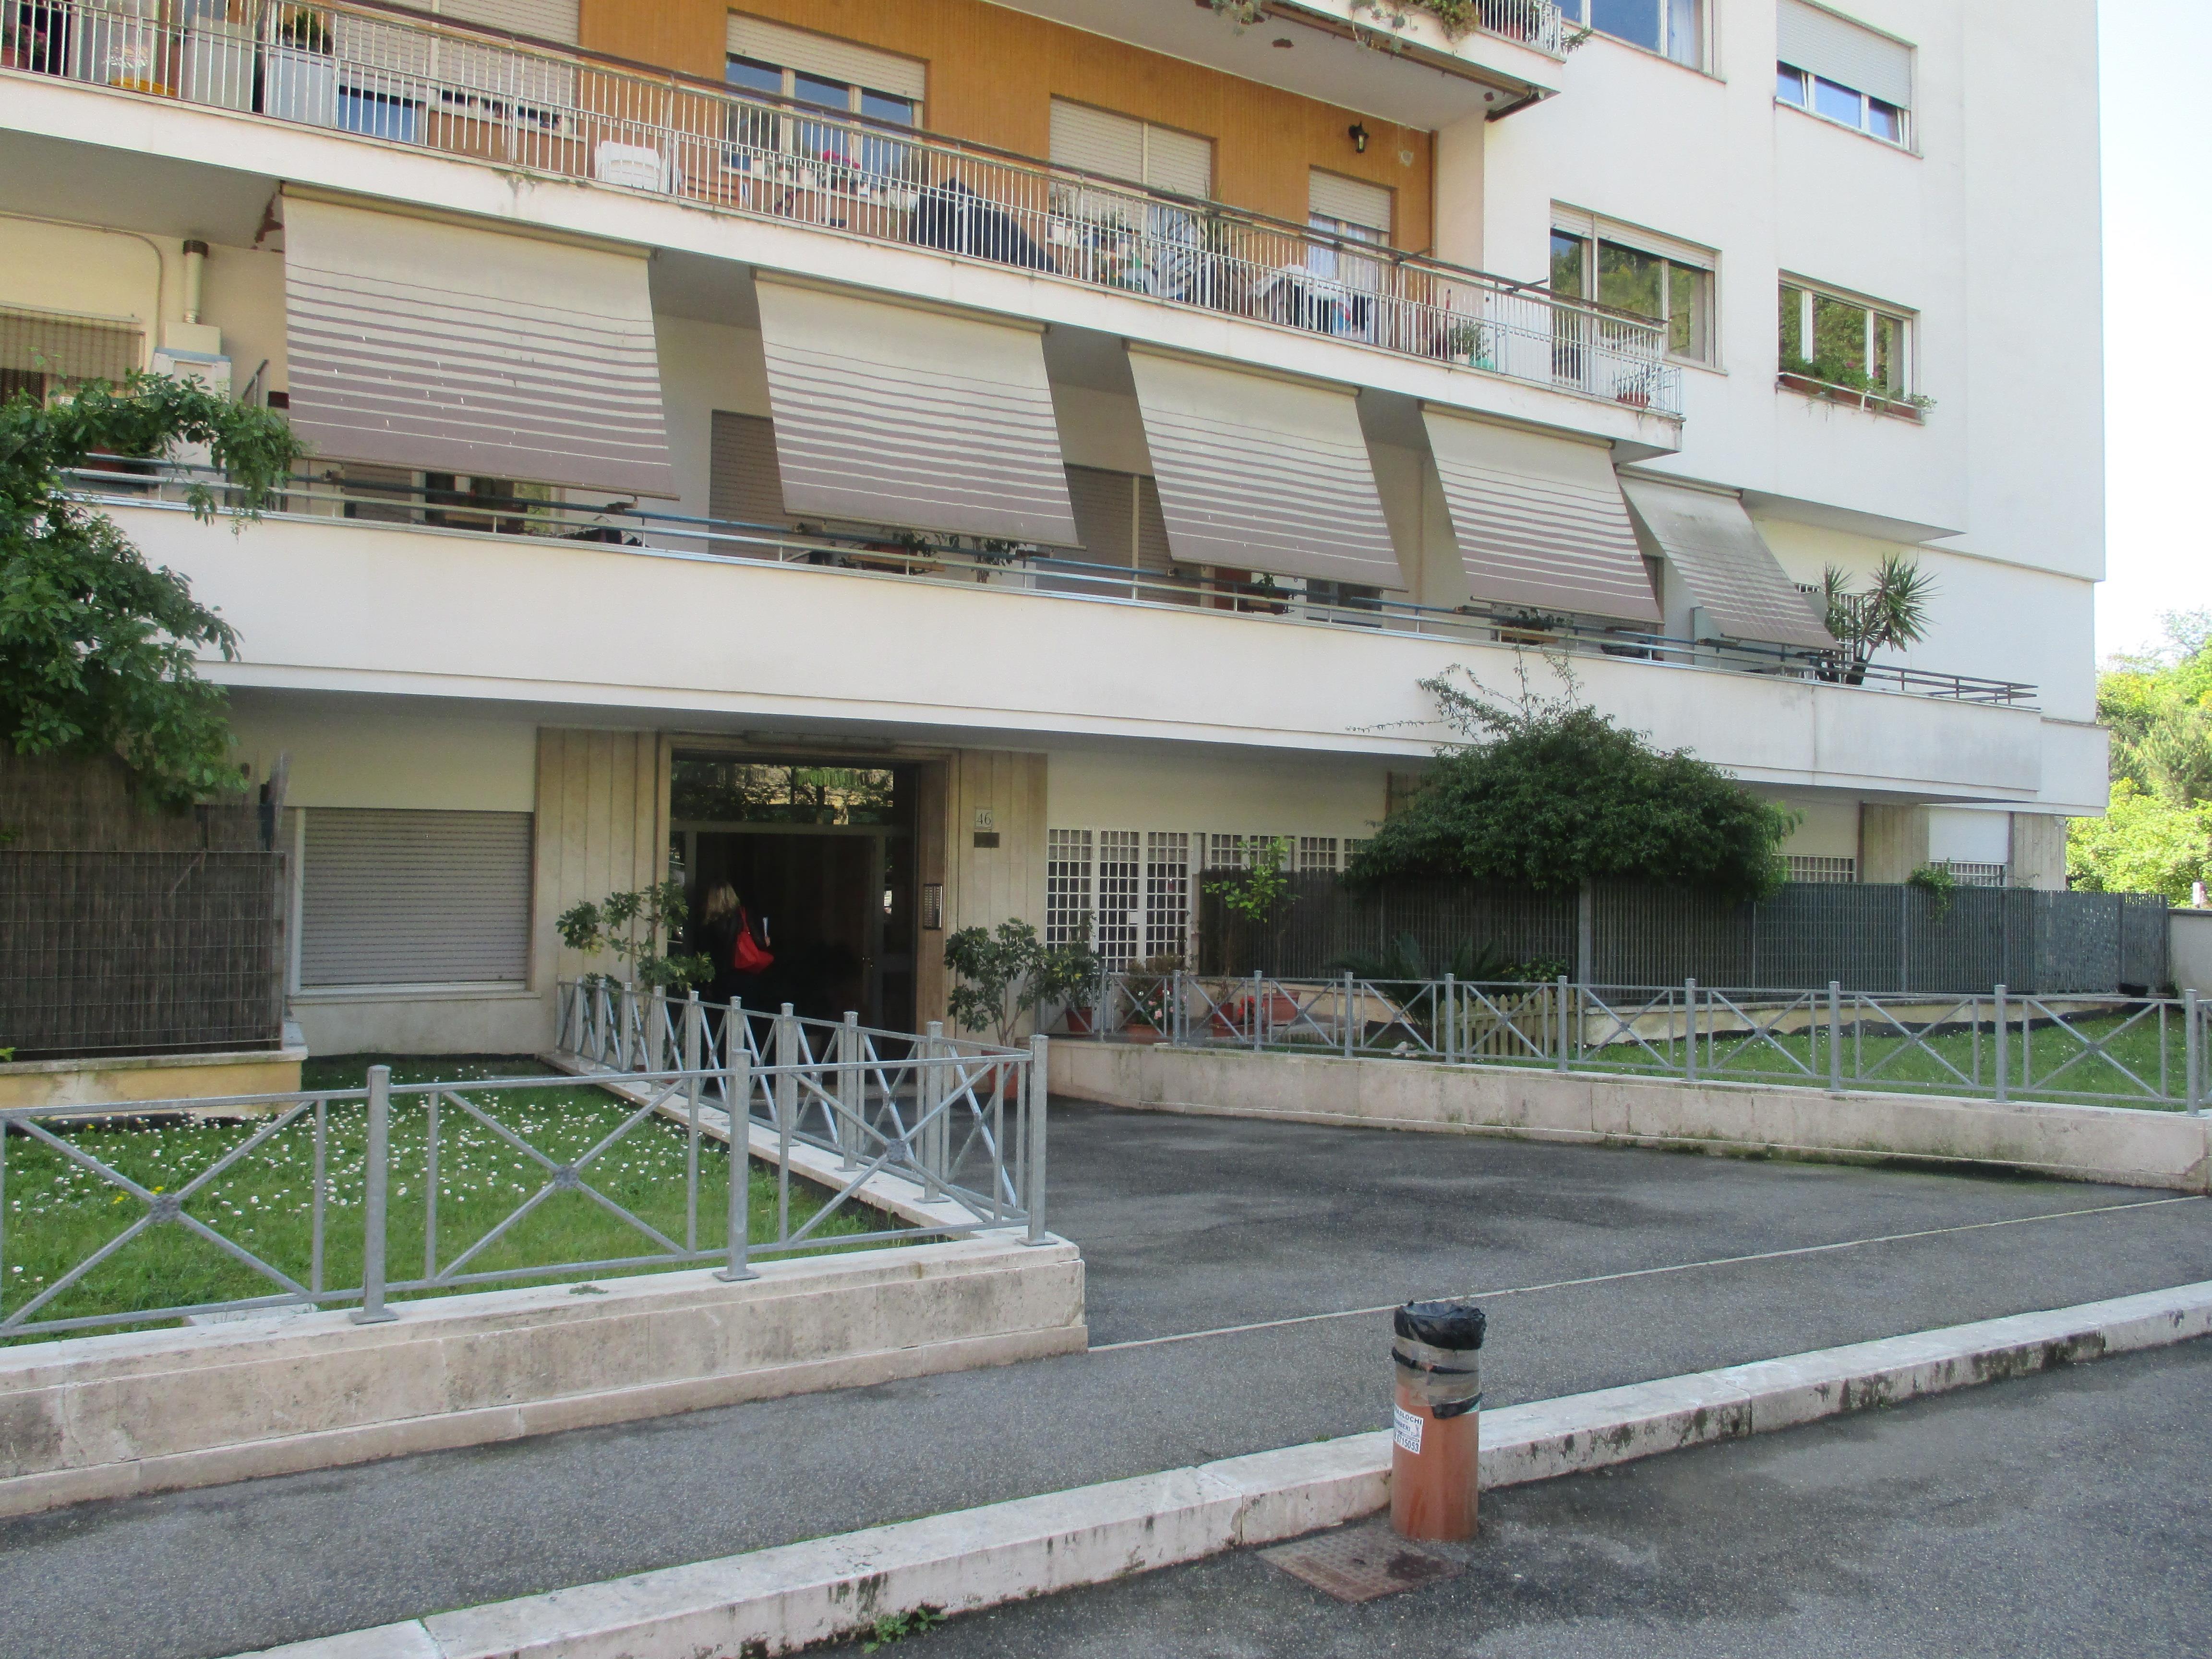 affitto casa a roma in via pietro de cristofaro cipro 27